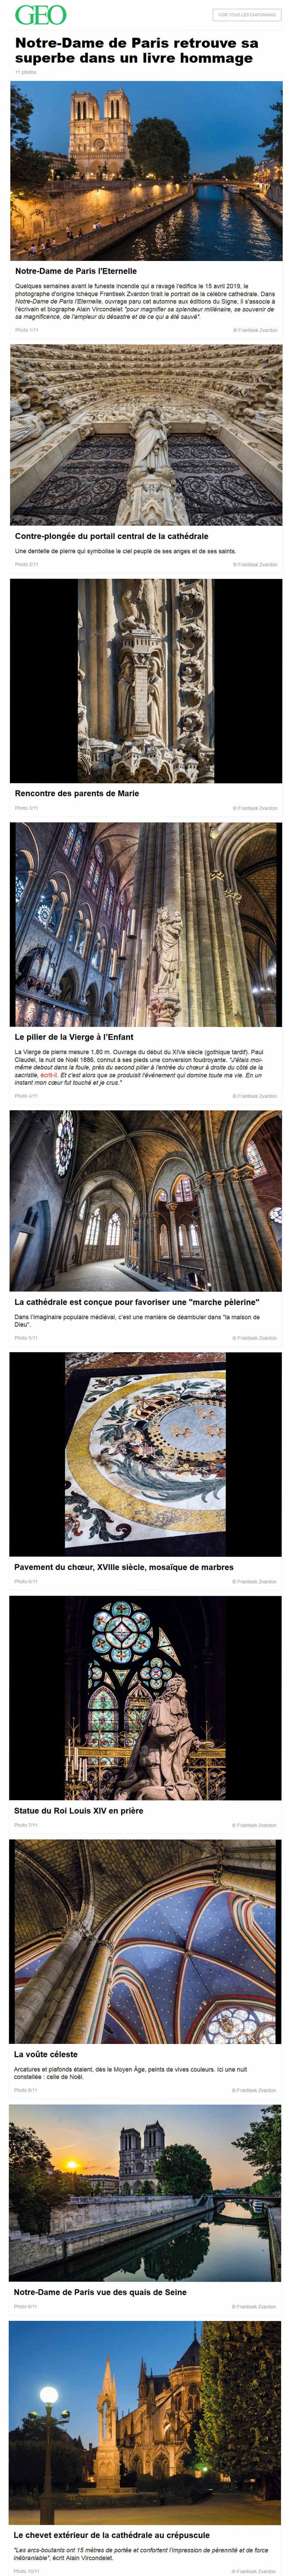 Sauvegarde virtuelle, visuelle  & mémorielle de la  Cathédrale Notre Dame de PARIS Screen23